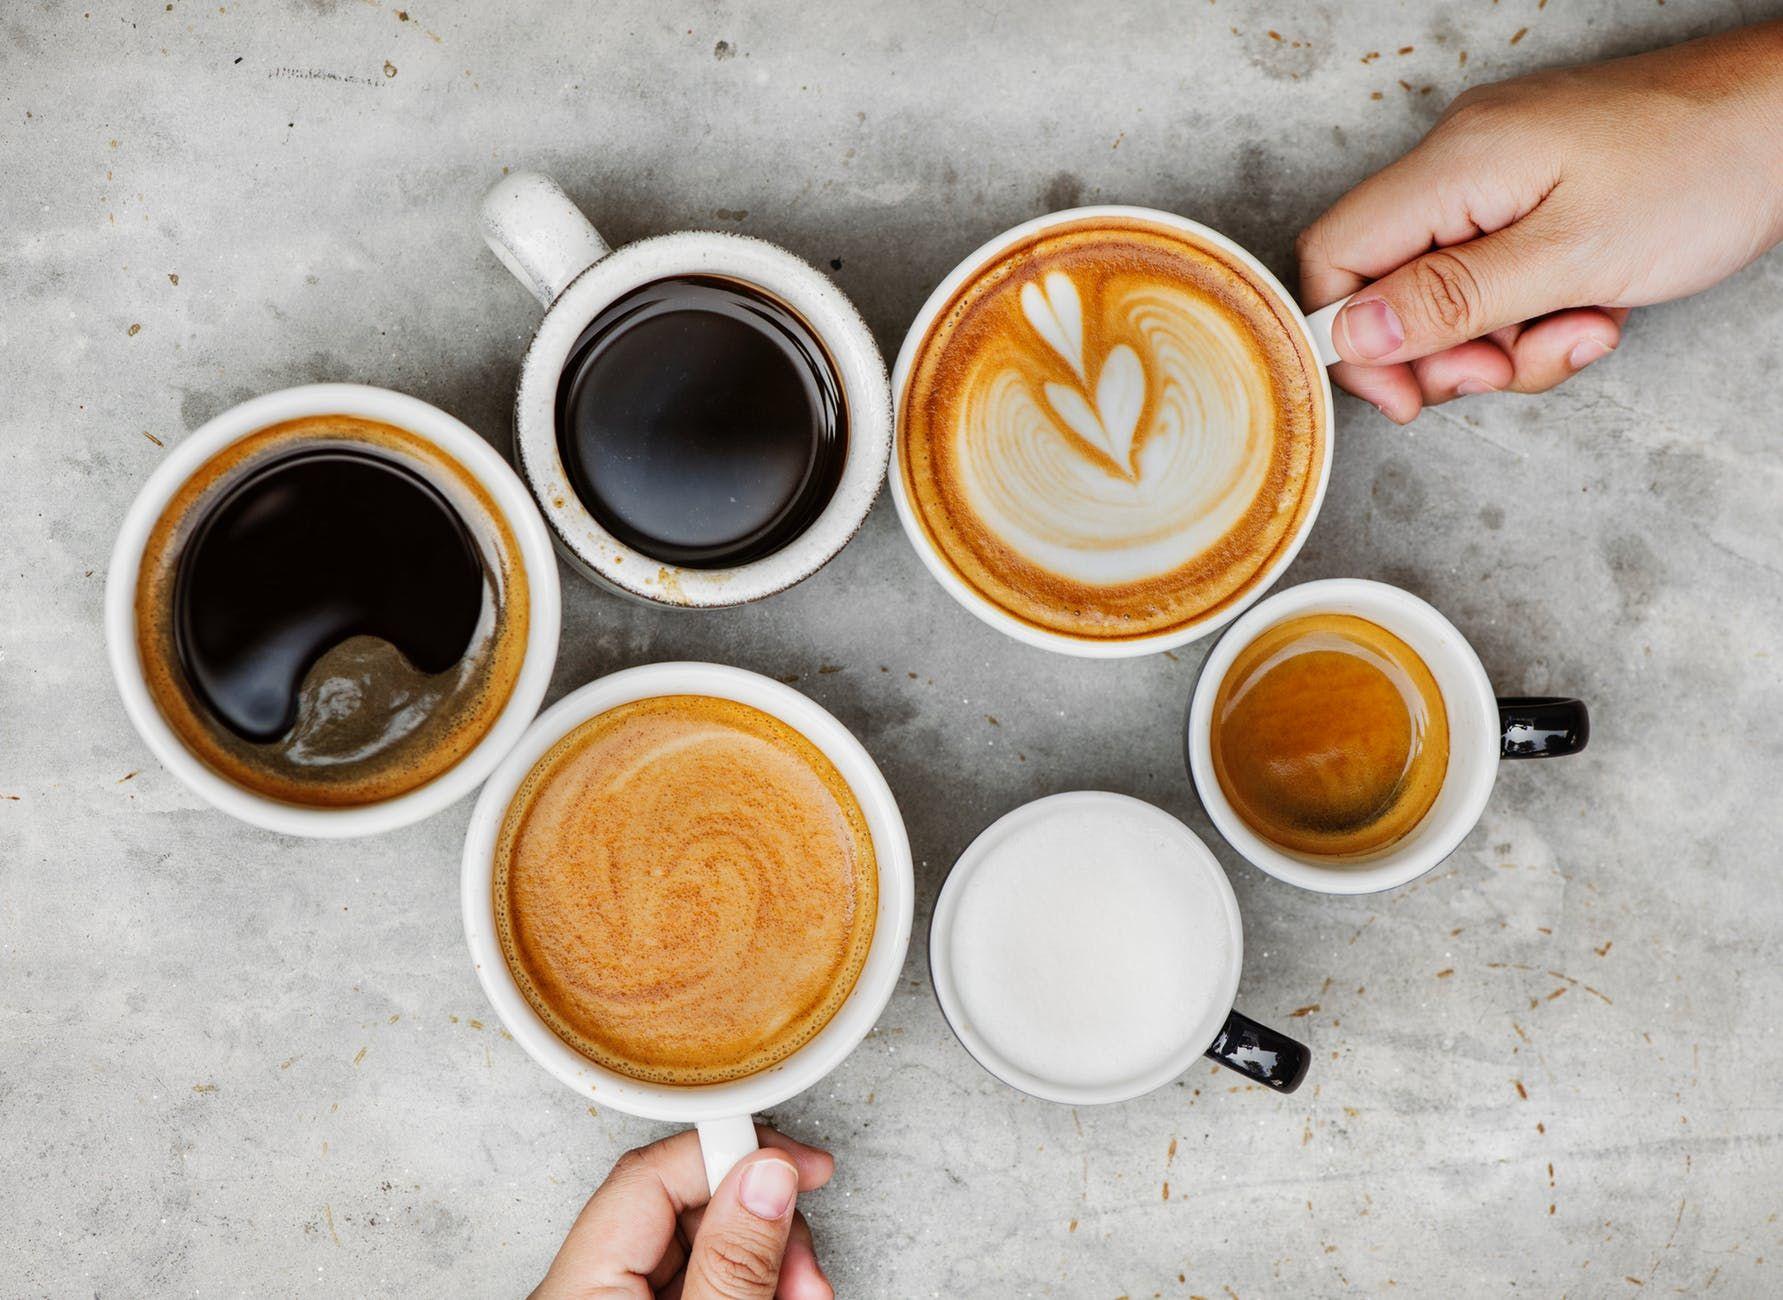 淡い おしゃれ コーヒー 大人 飲みたい カフェ インスタ映え ゆったり コーヒー ラテアート カフェ